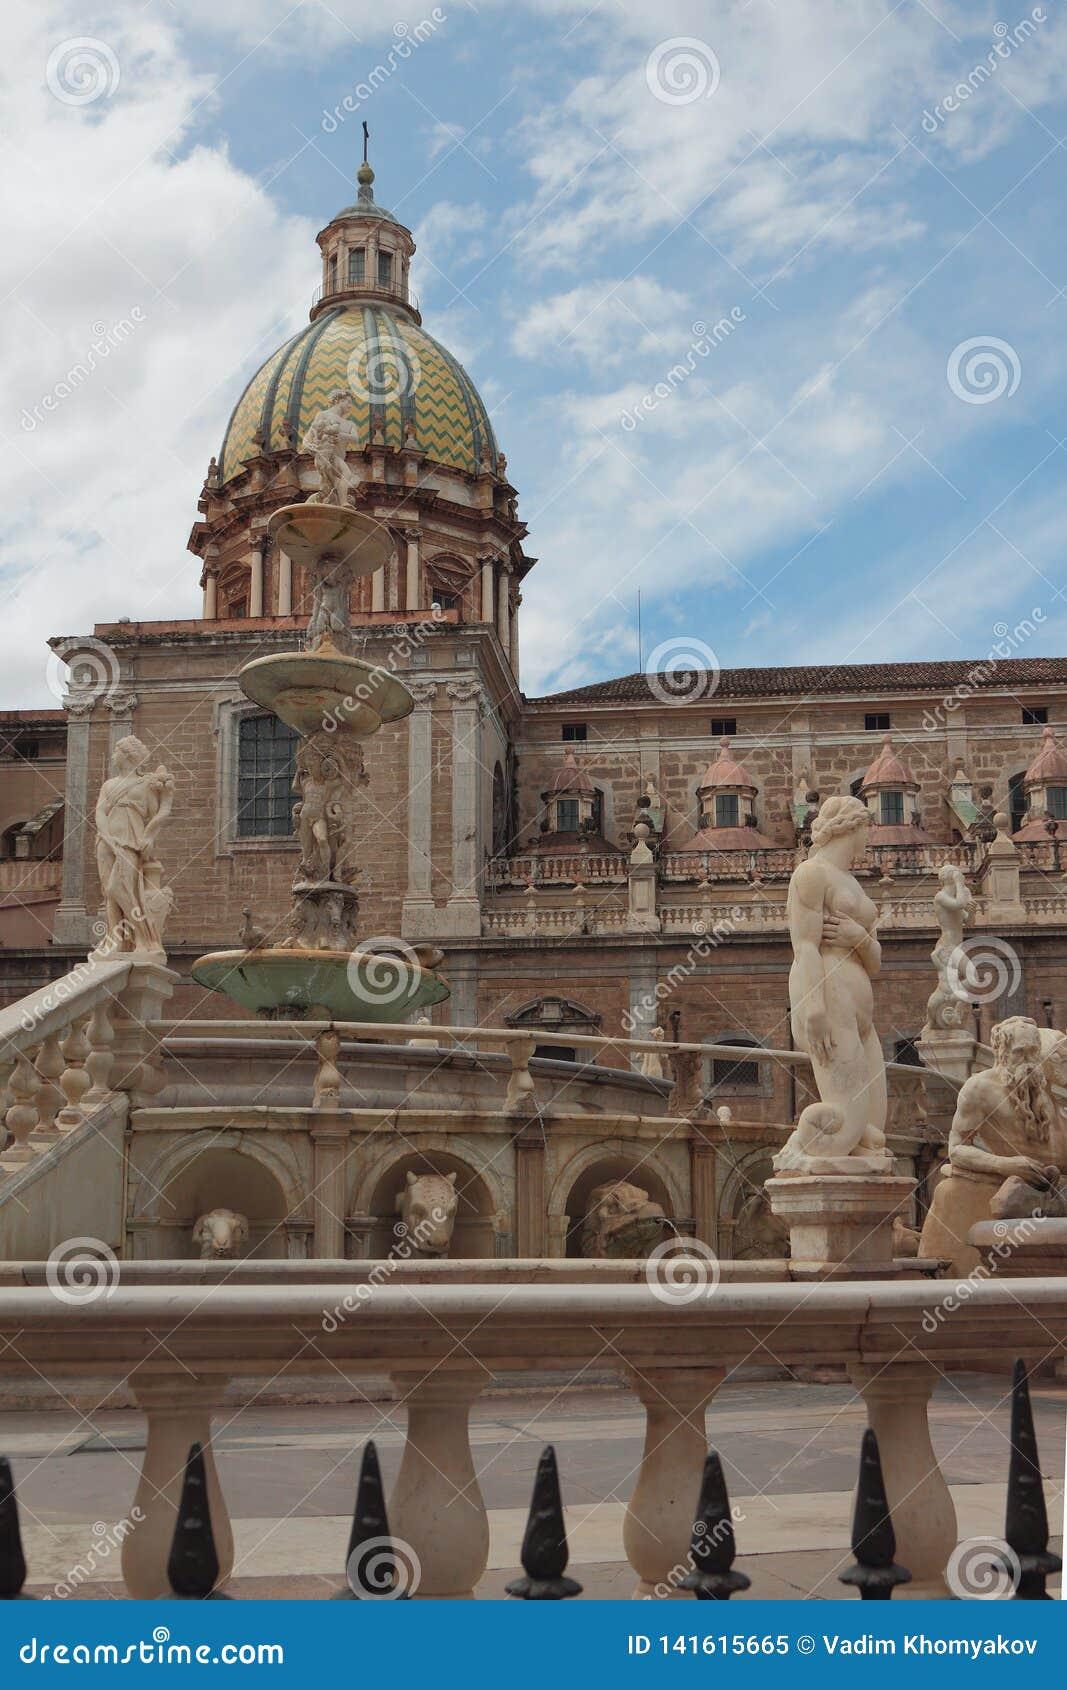 Fontana e chiesa alla piazza Pretoria Palermo, Sicilia, Italia